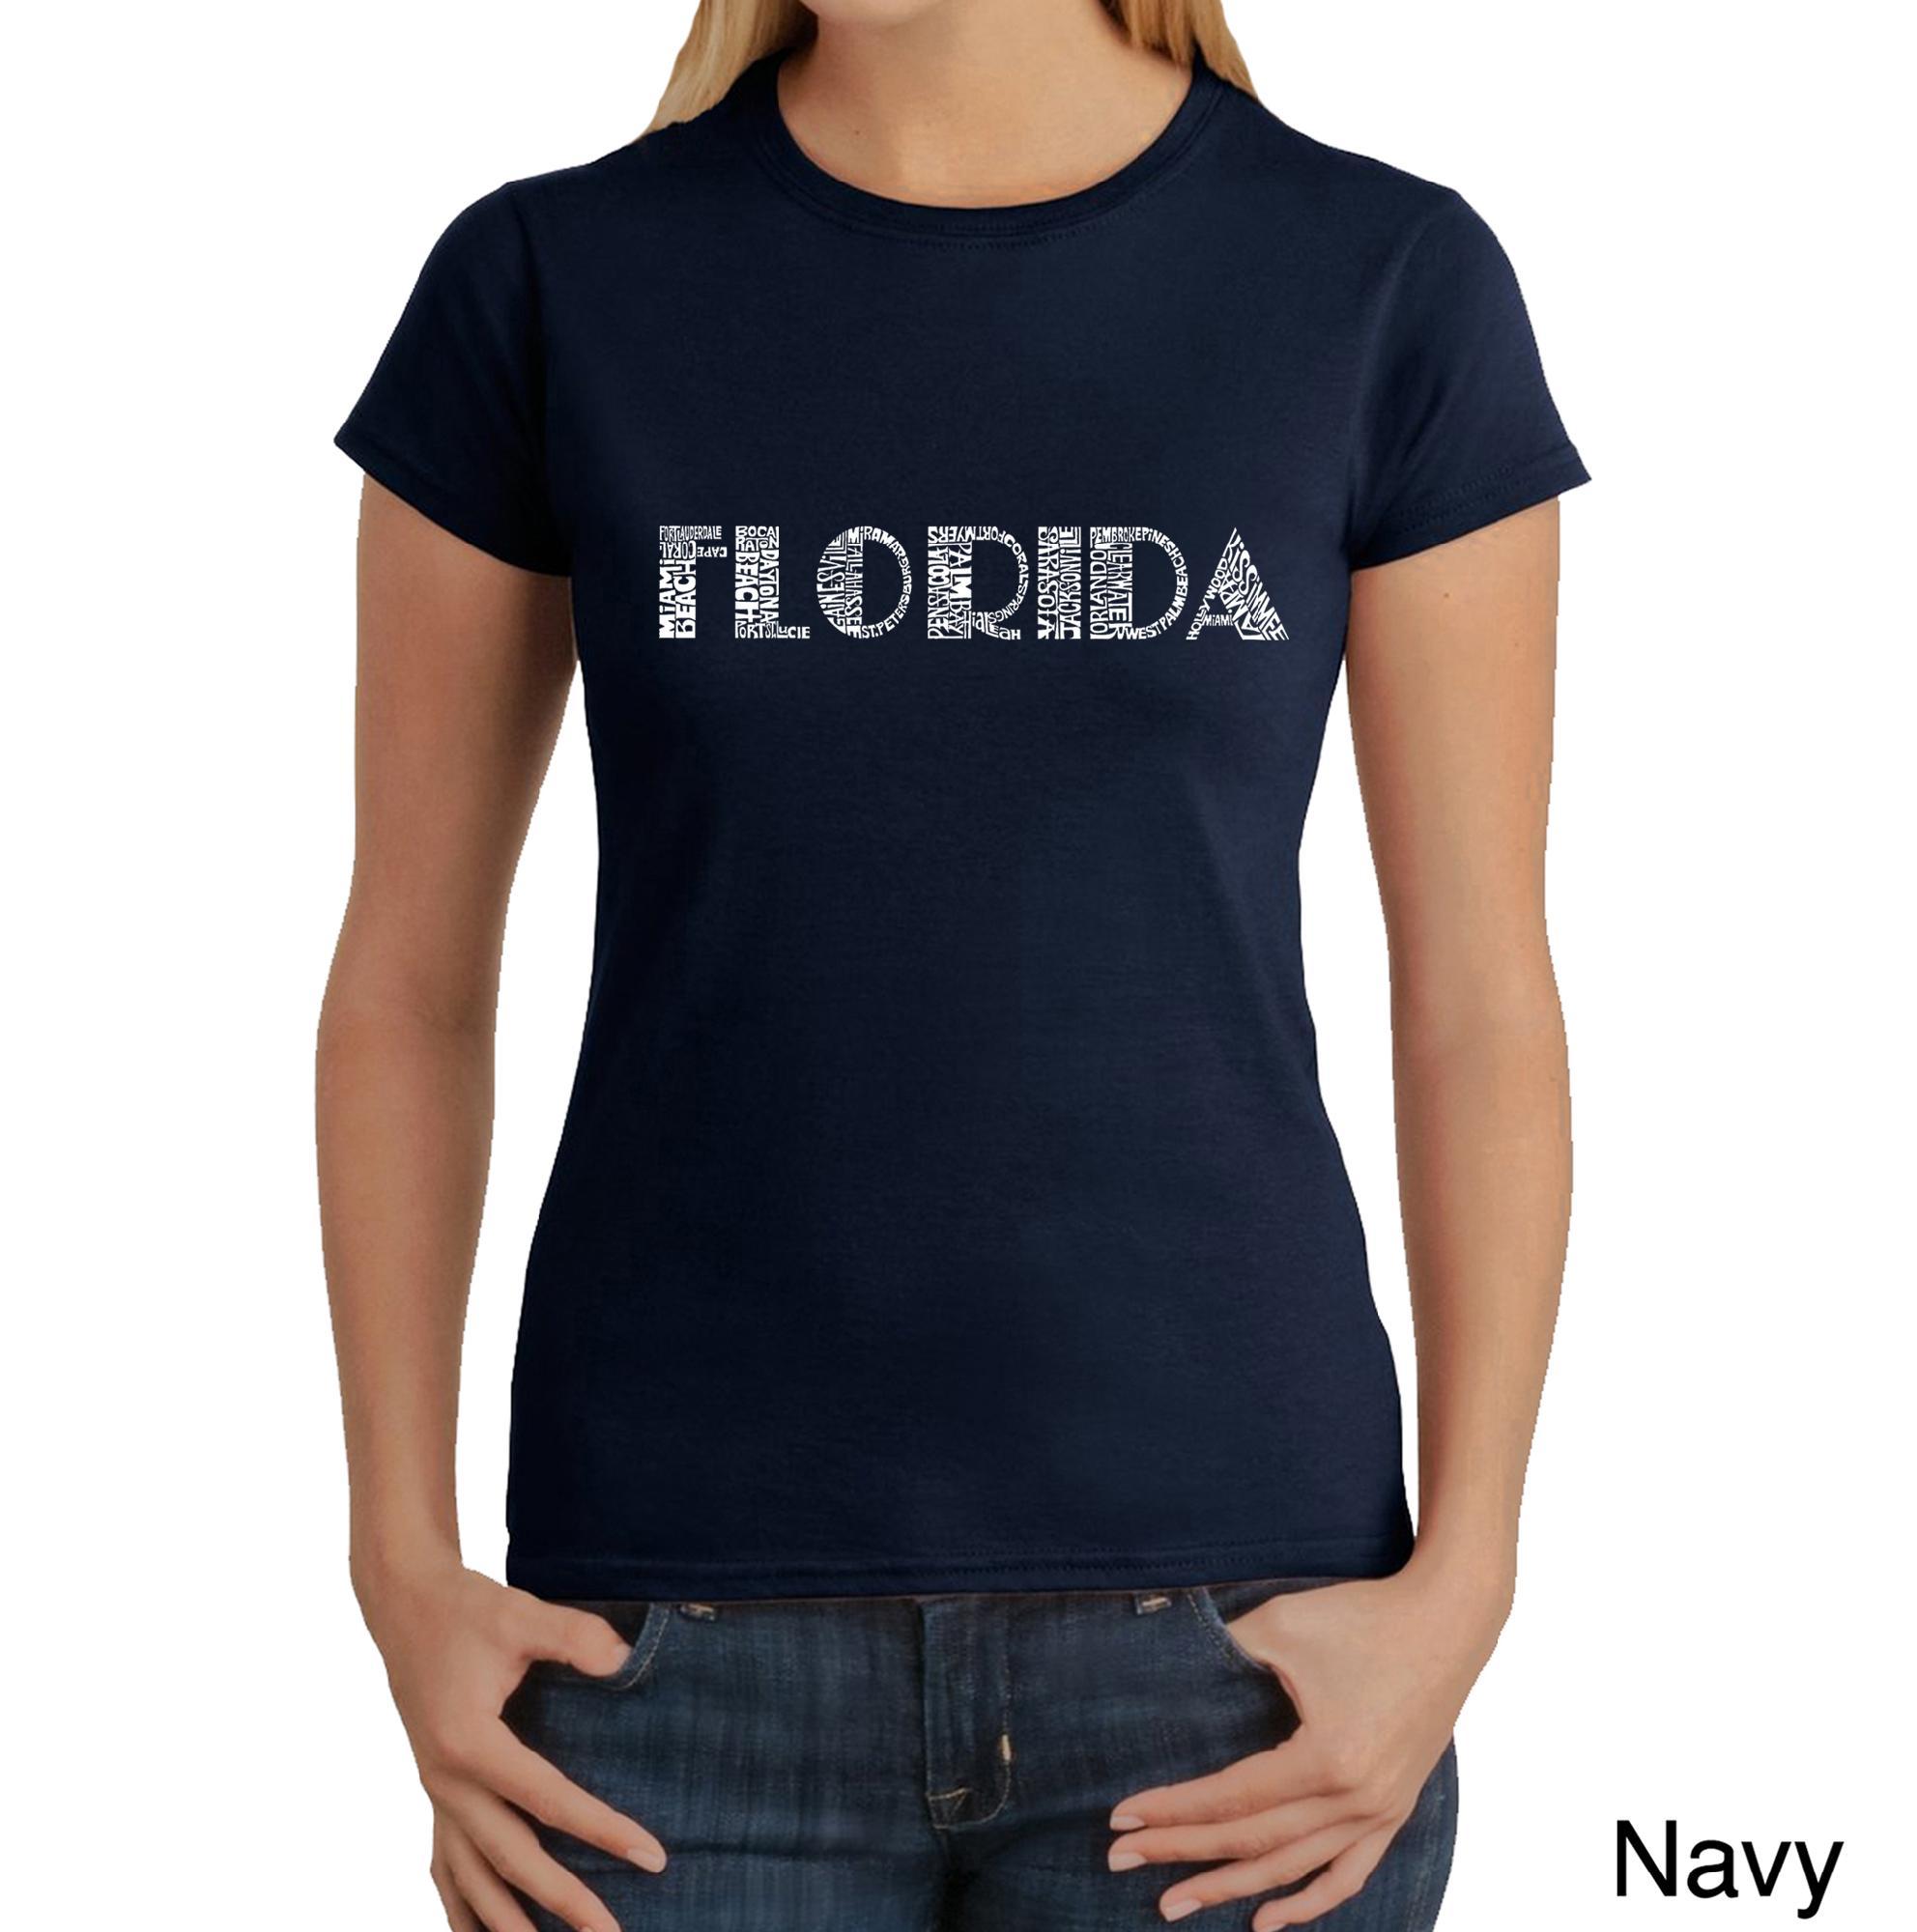 Los Angeles Pop Art Women's Word Art T-shirt - Popular Cities in Florida - Online Exclusive at Kmart.com